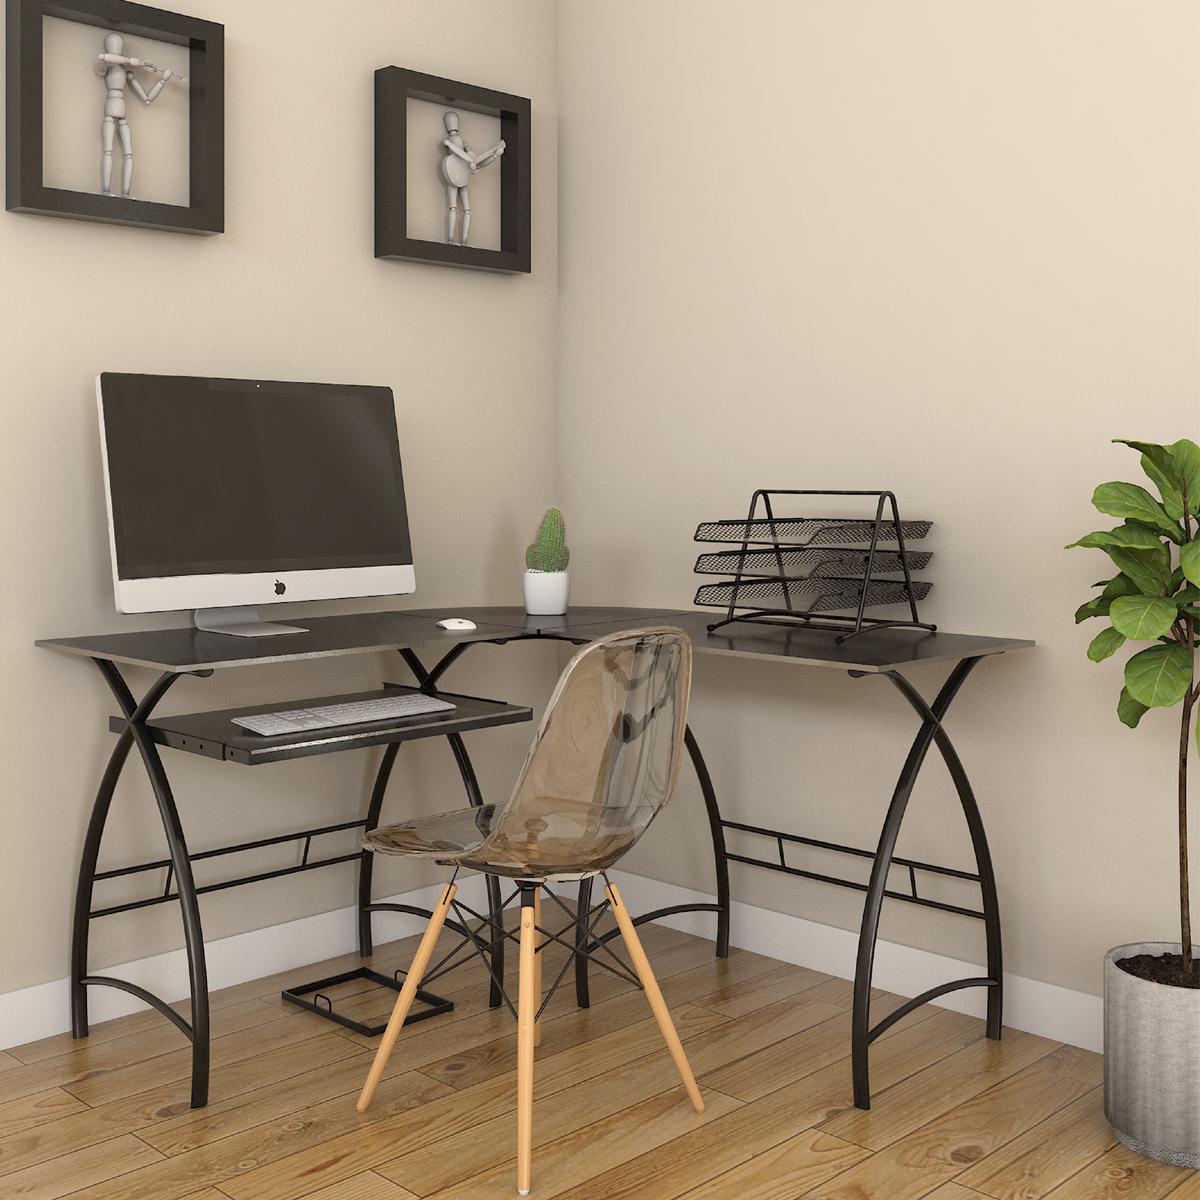 glass graphite mobili in computer desks shaped p l desk rta techni